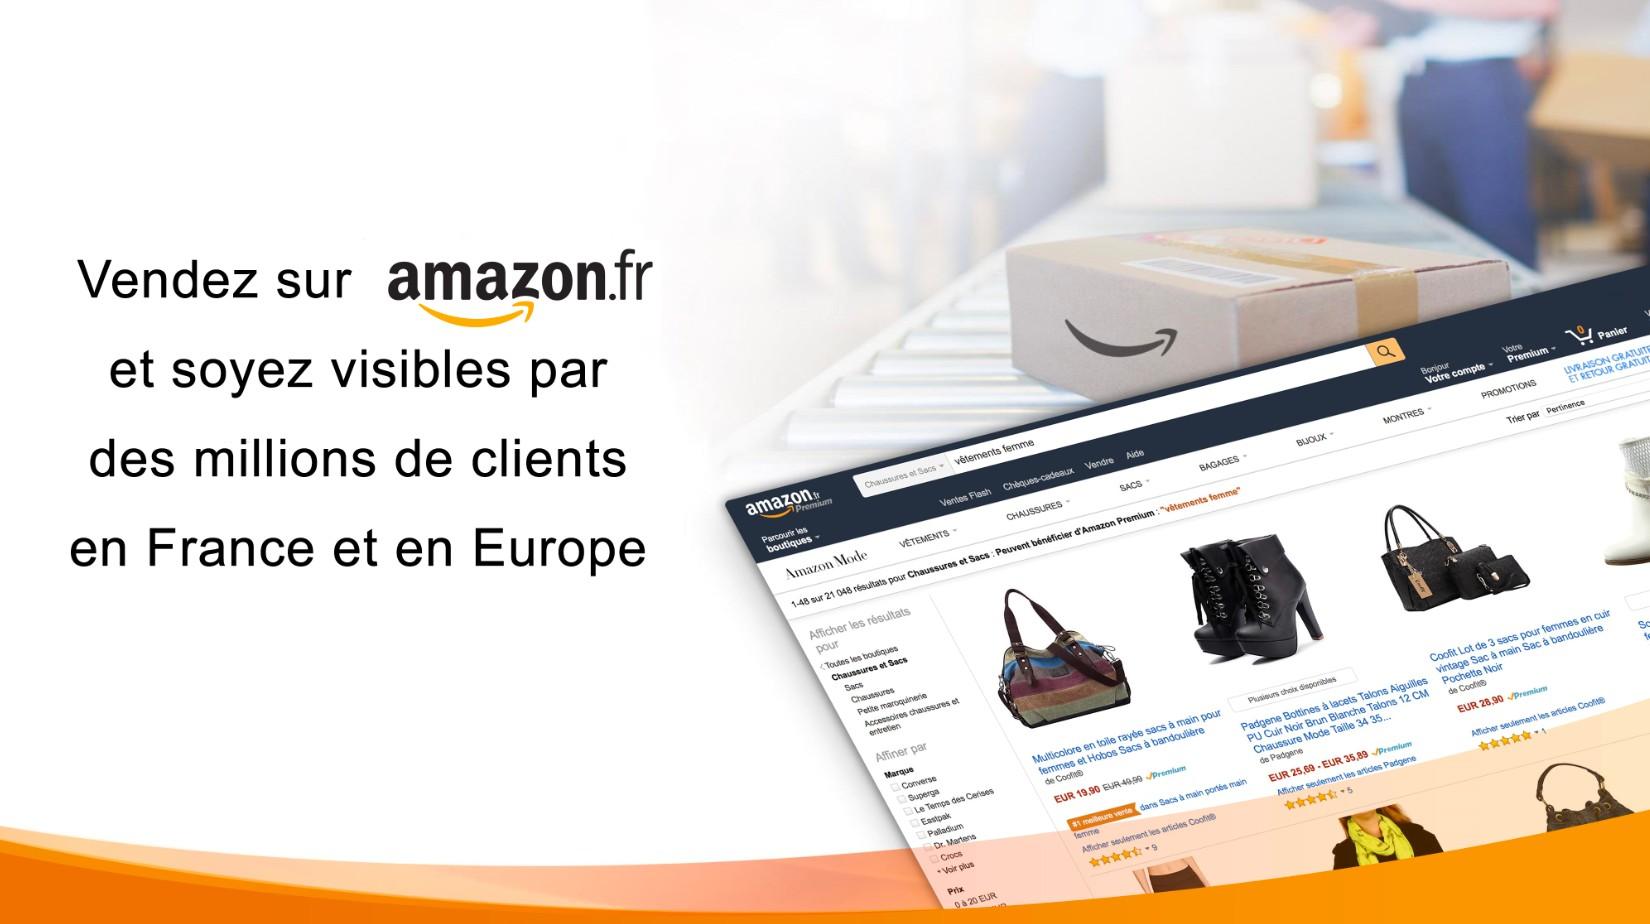 vendre sur amazon.fr